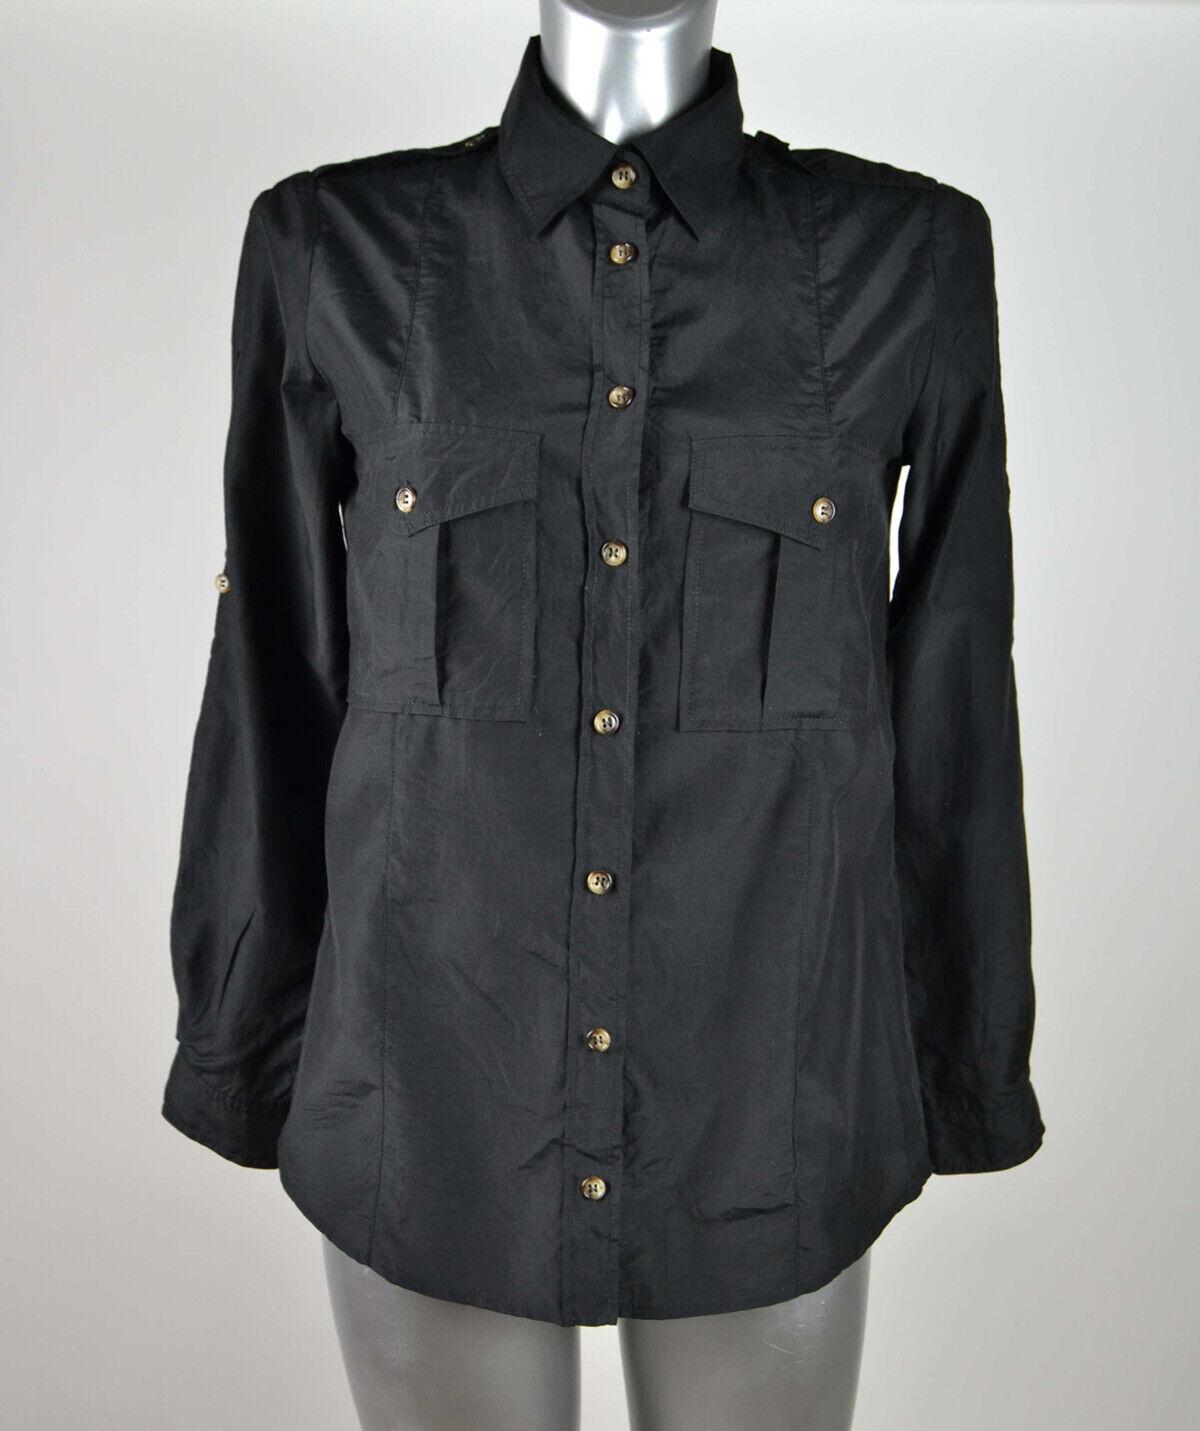 Camicia MARELLA, taglia 40, schwarz, seta e cotone